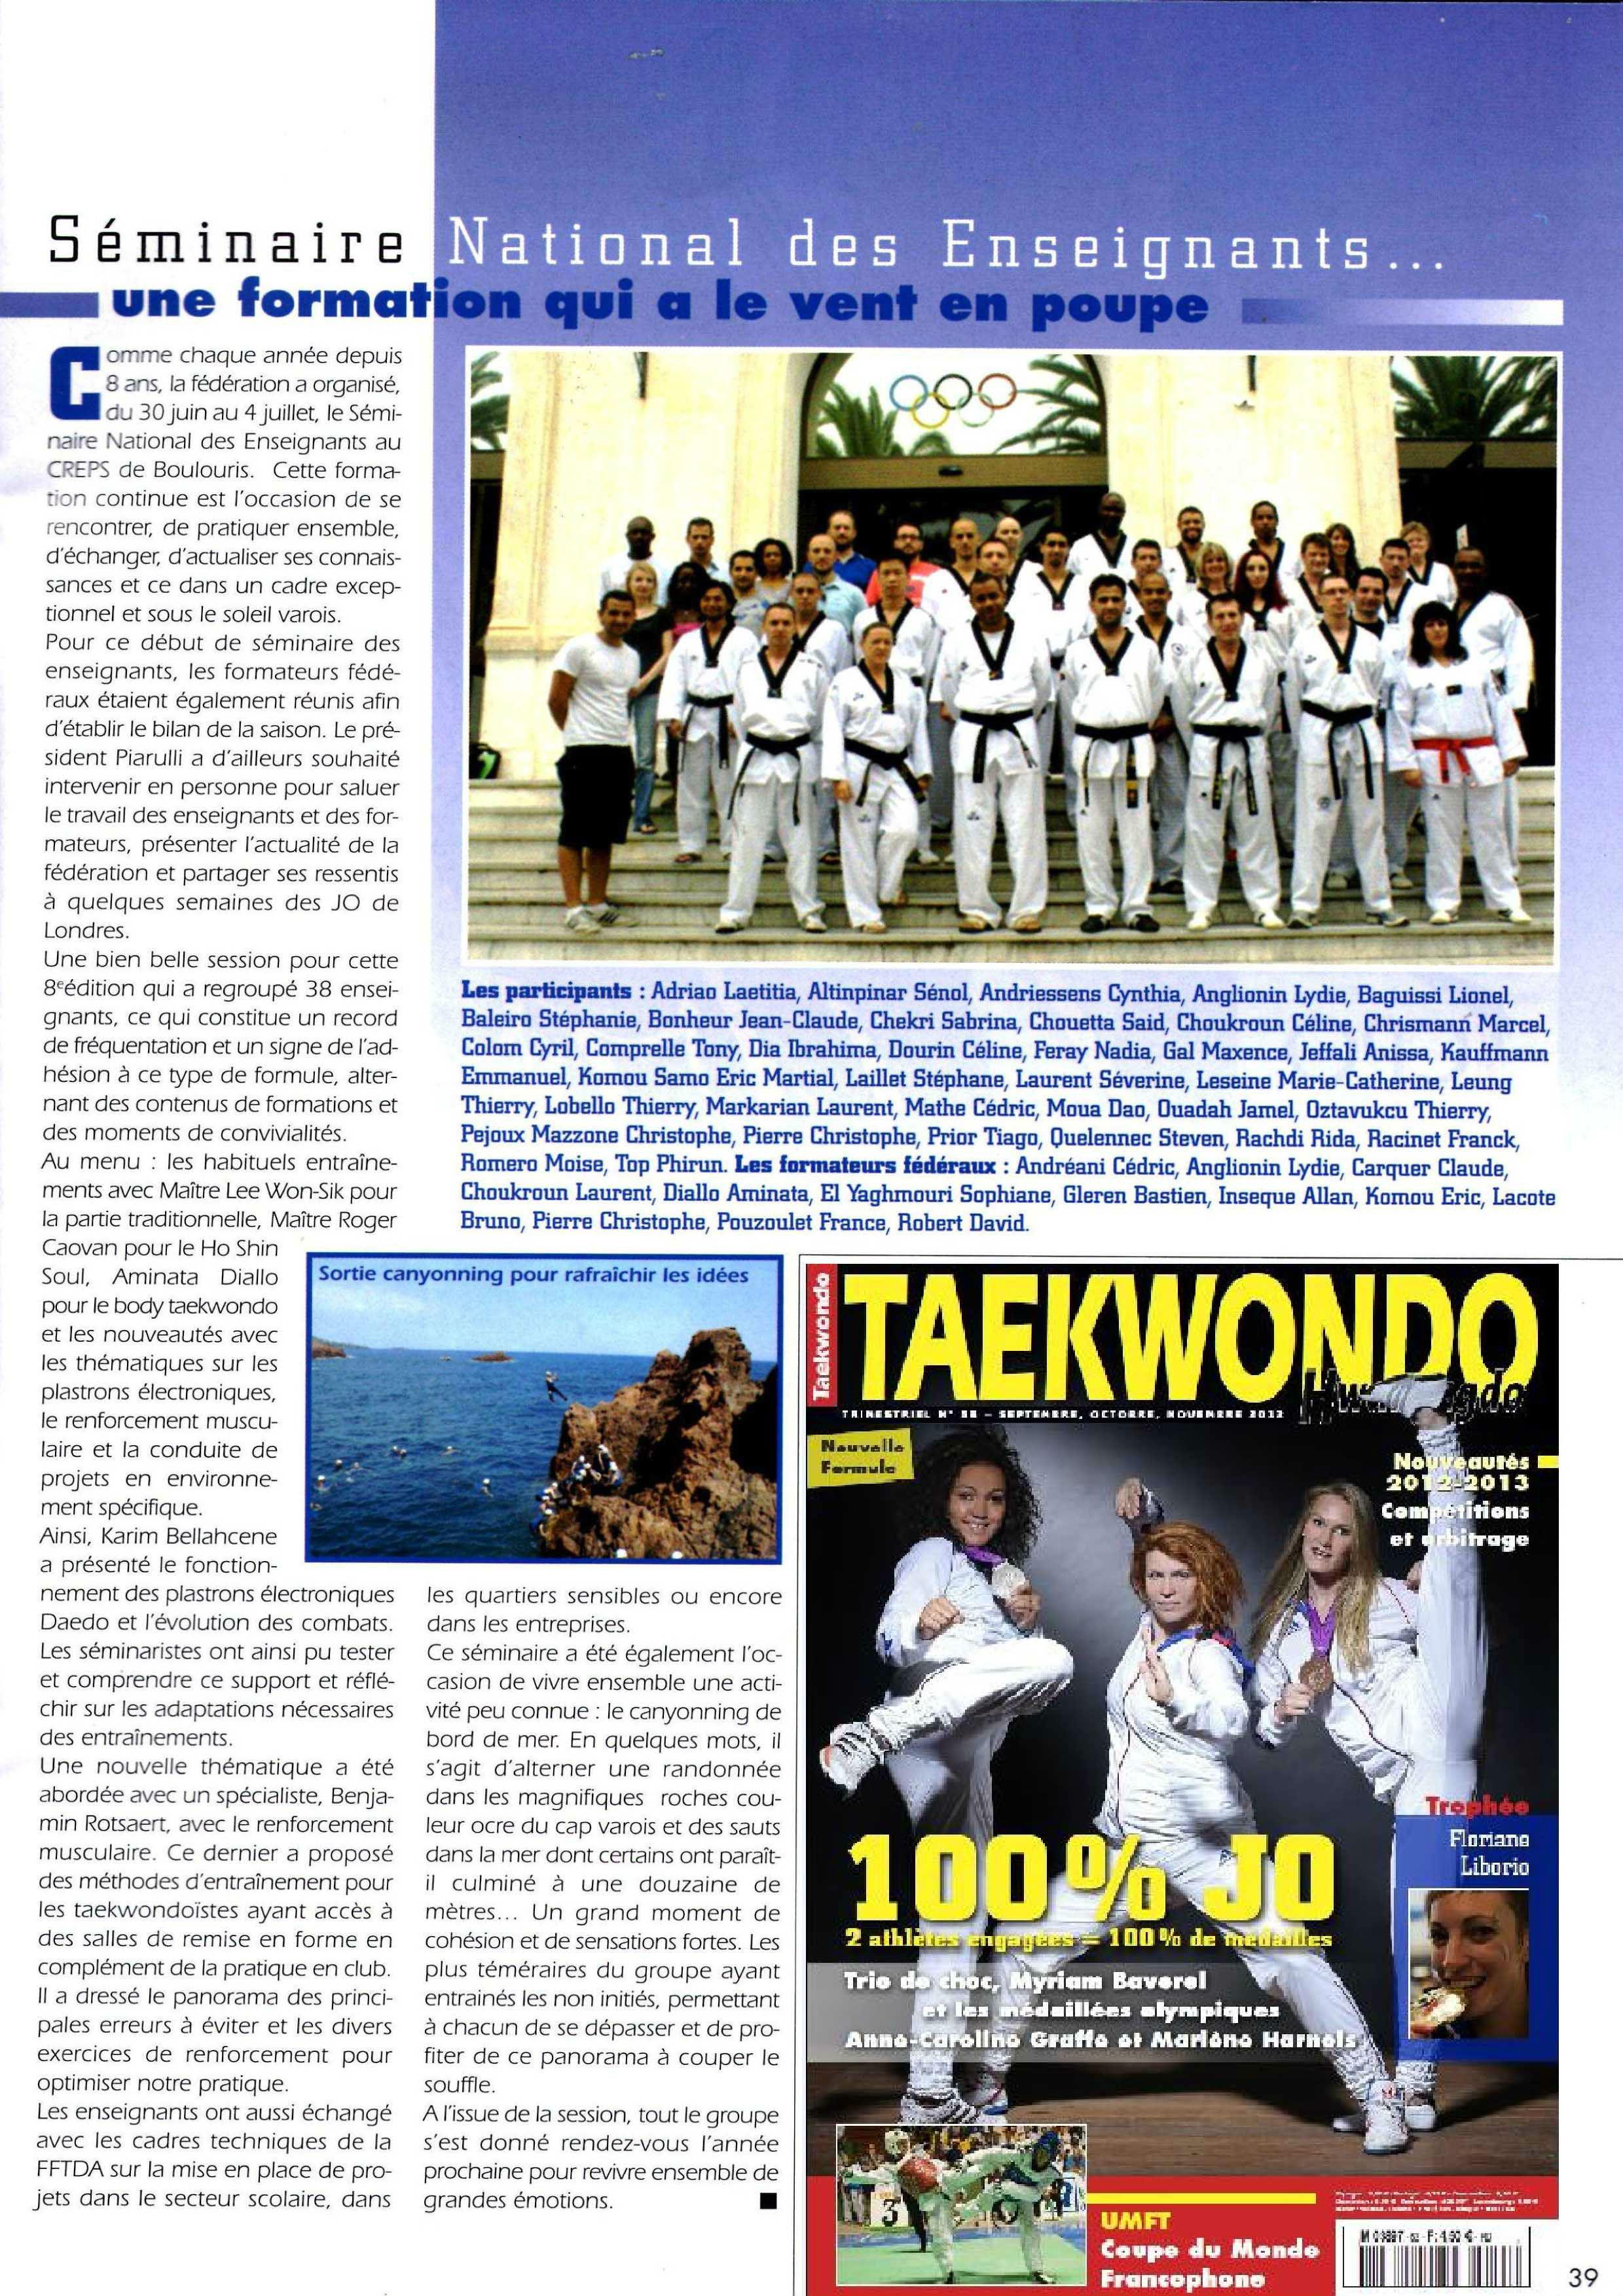 séminaire des enseignants taekwondo 2012 Boulouris